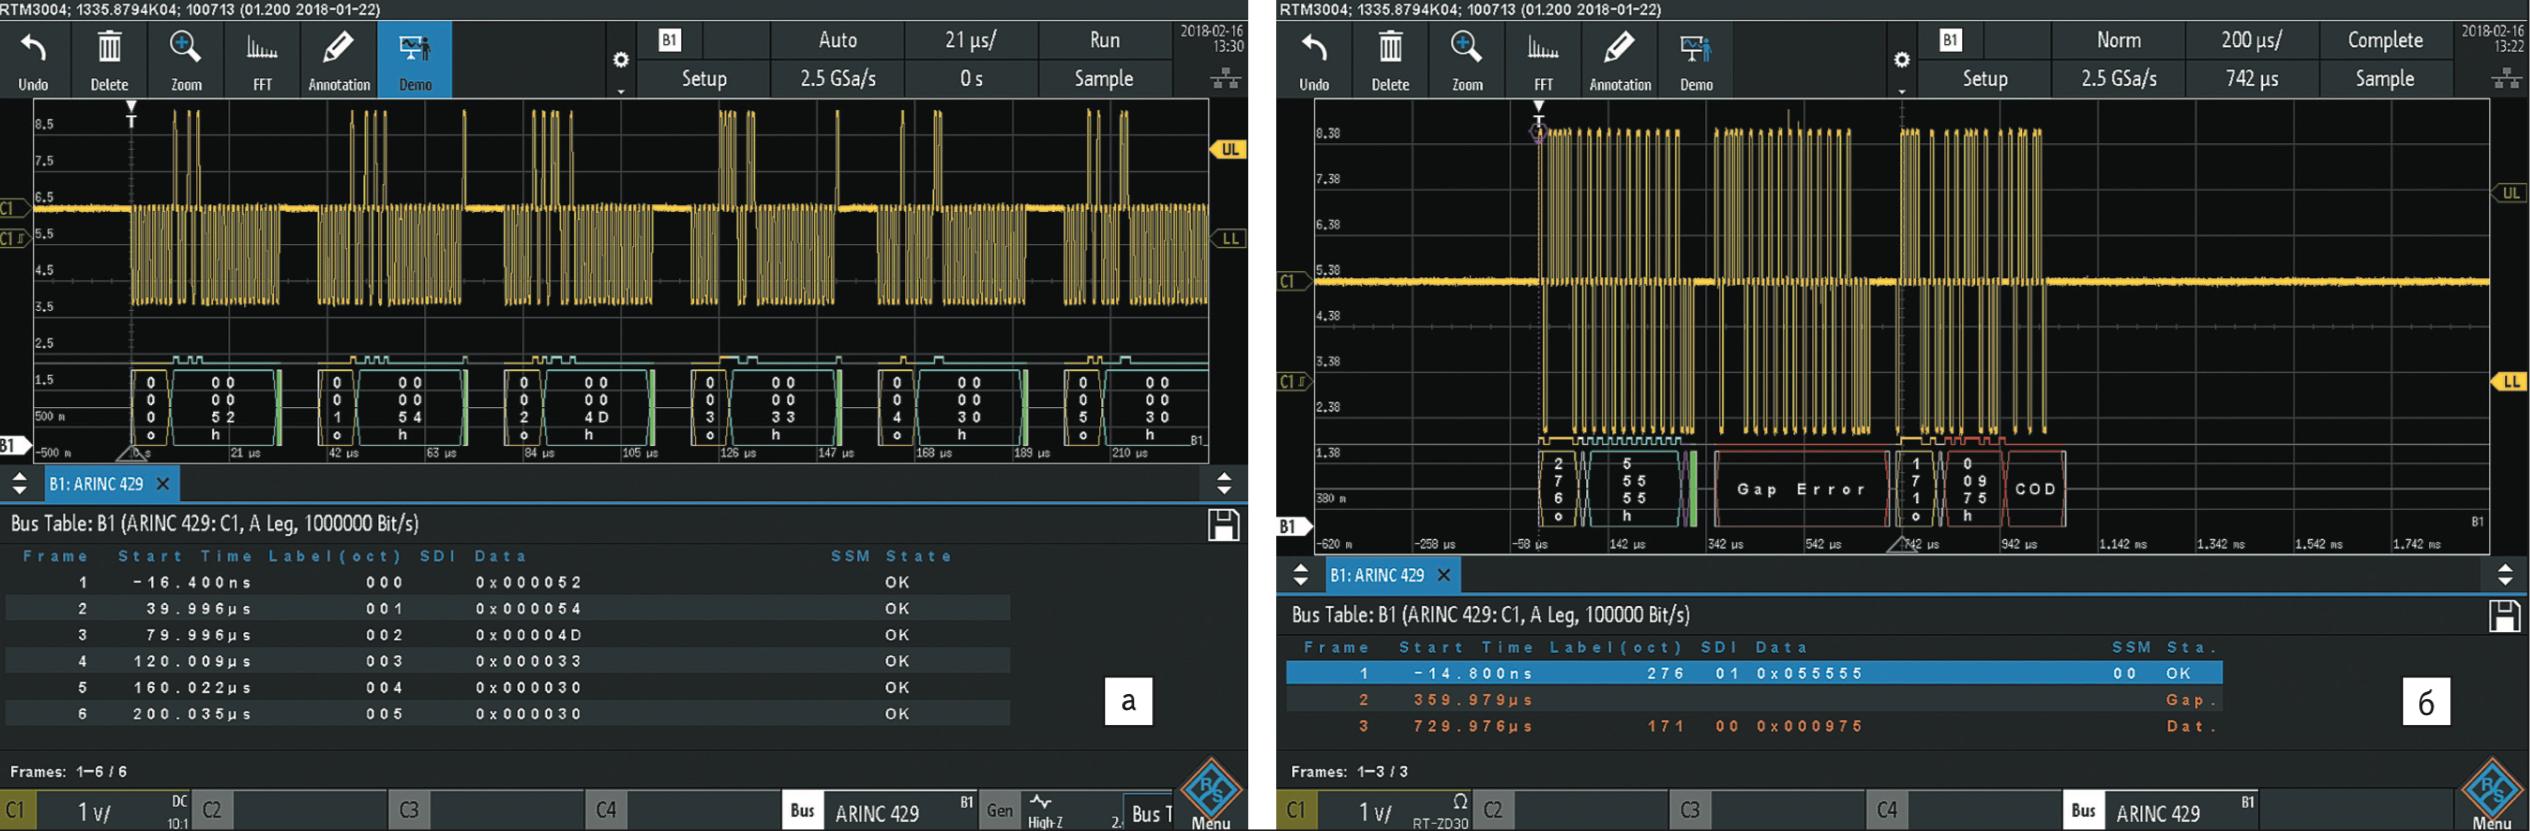 Результат декодирования сигналов стандарта Arinc-429 на осциллографе R&S RTM3004 при помощи опции R&S RTM-K7: а) в отсутствие ошибок; б) при наличии ошибок